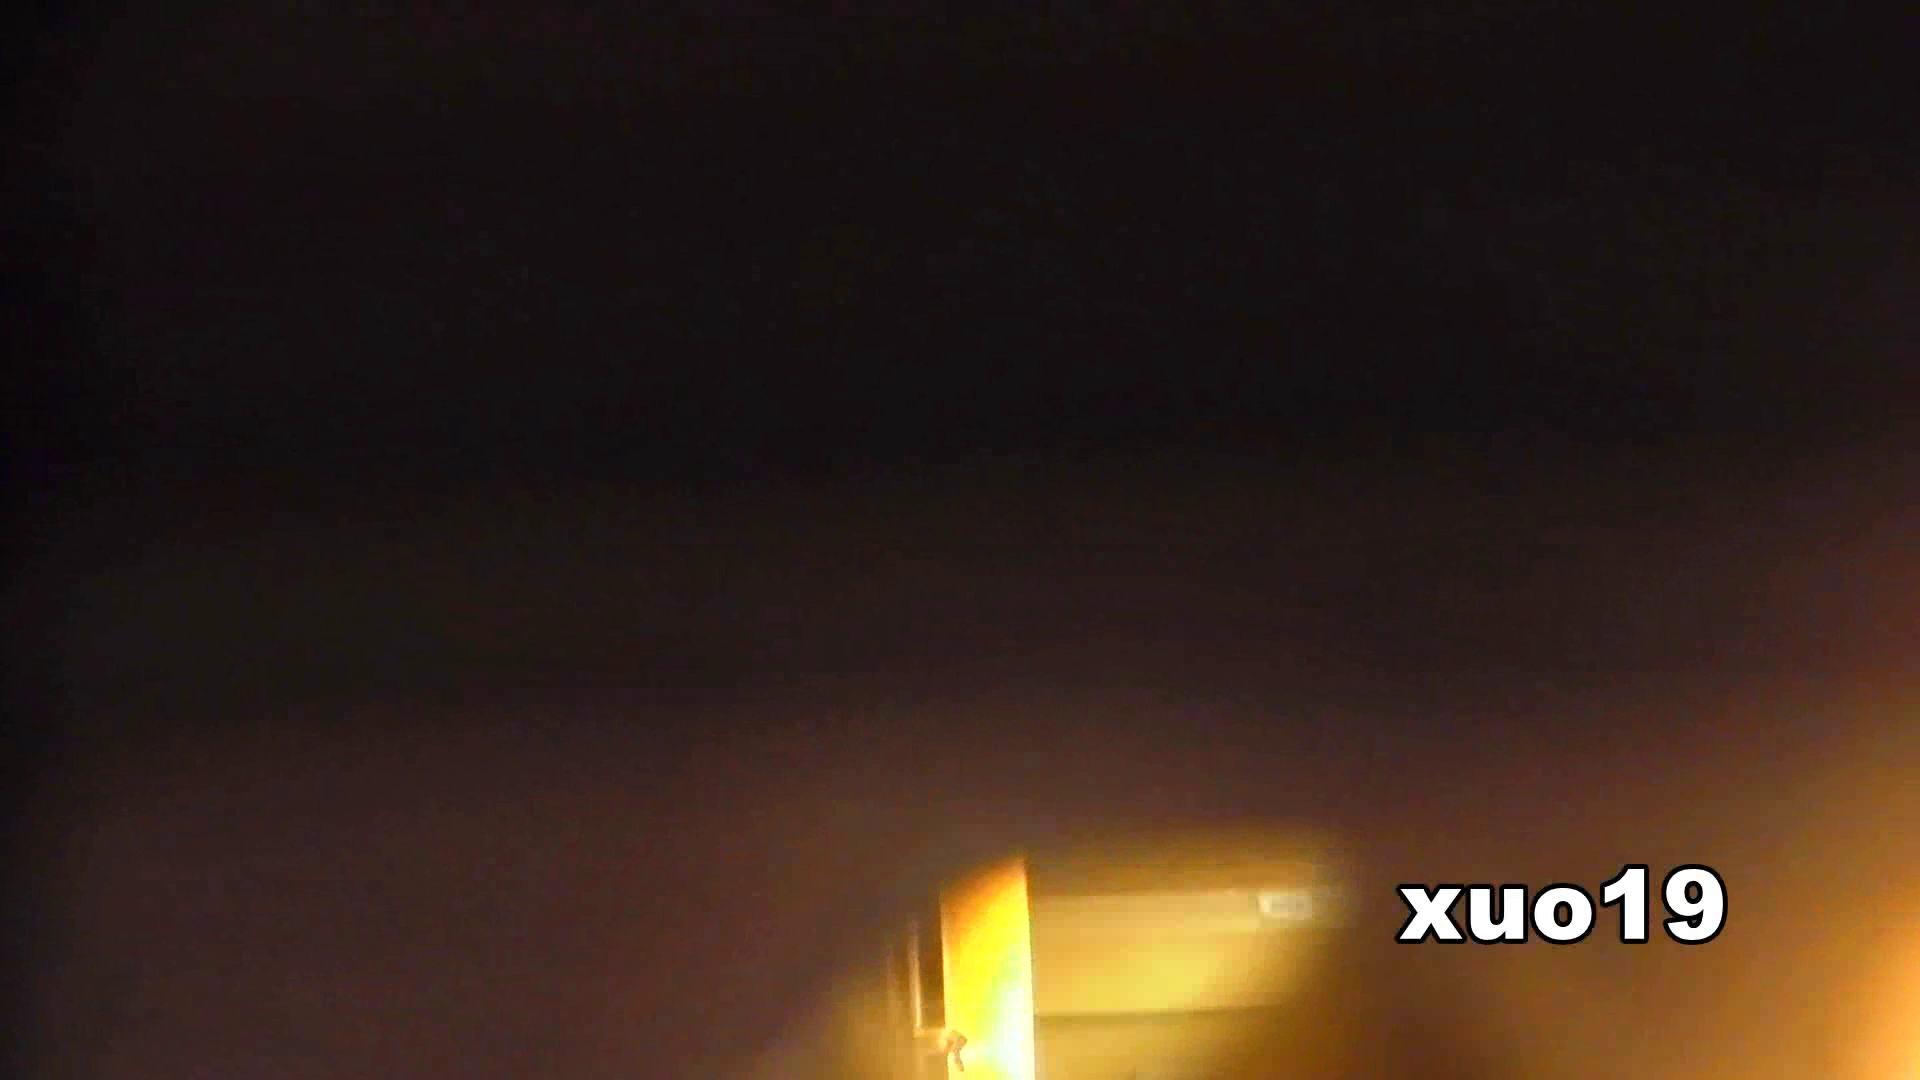 阿国ちゃんの「和式洋式七変化」No.19 キラキラ系 ギャルズ AV無料動画キャプチャ 94画像 44